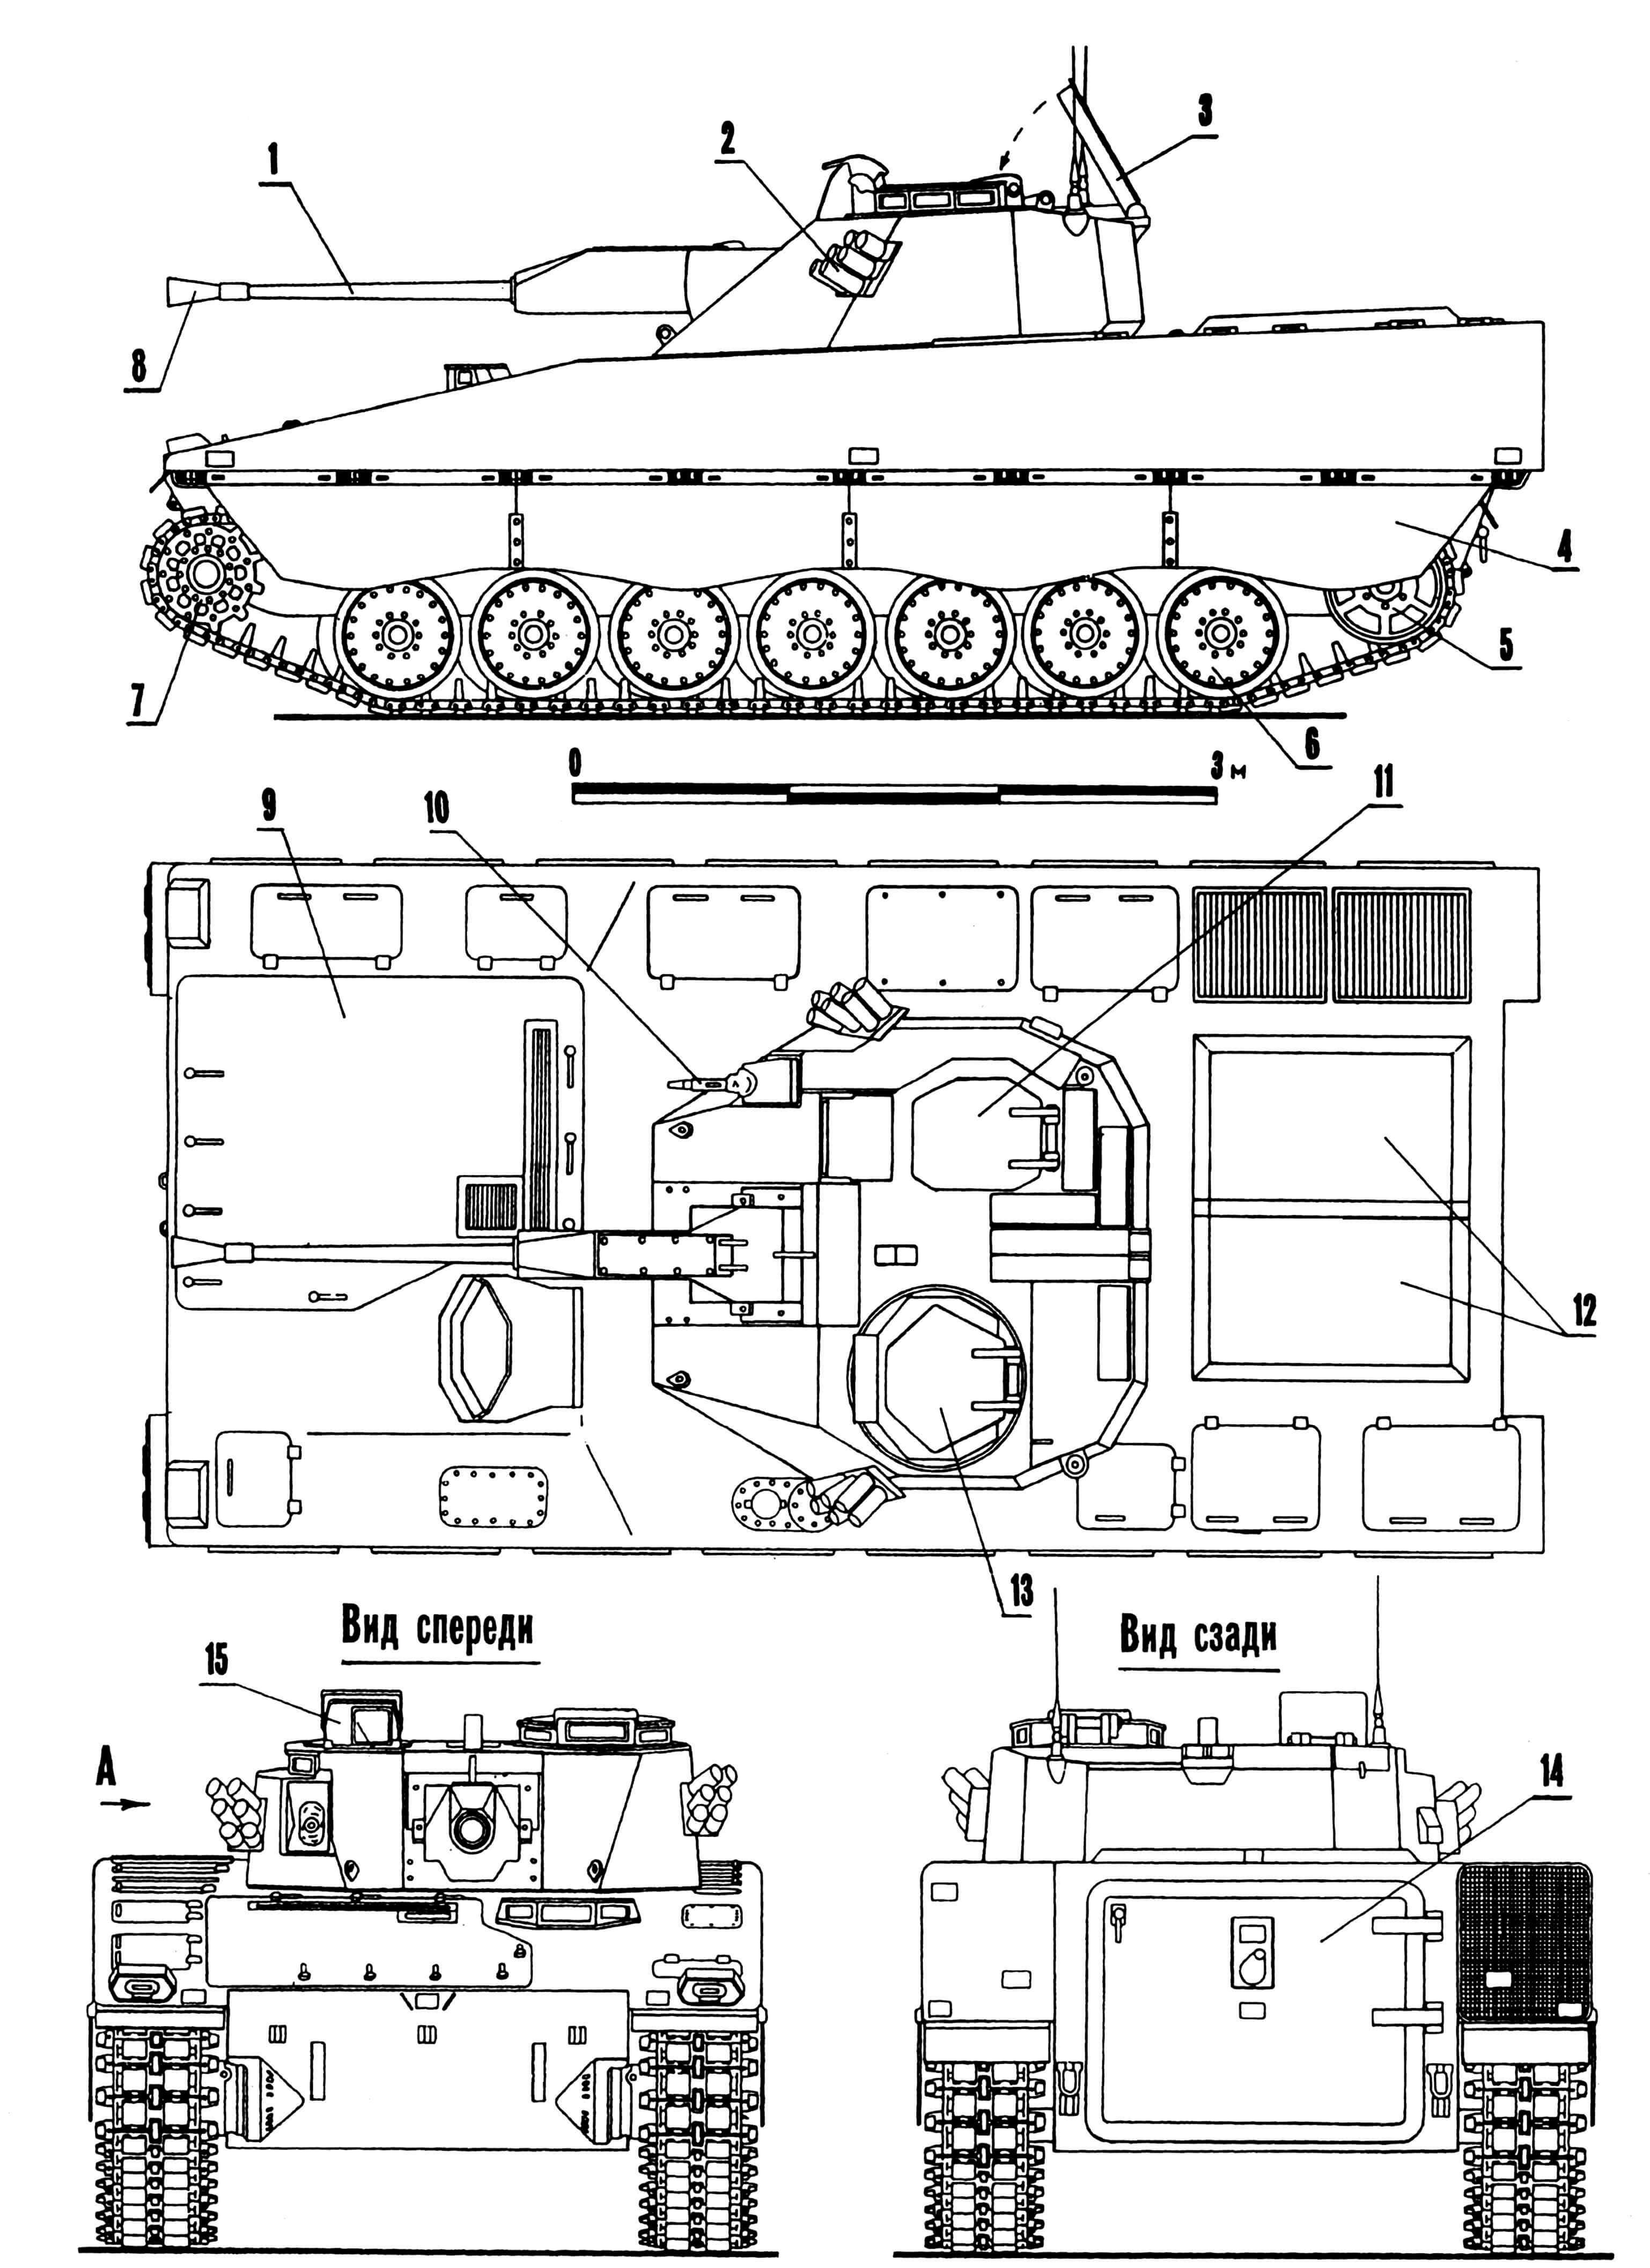 Боевая машина пехоты CV-90: 1 — 40-мм пушка «Бофорс», 2 — гранатометы дымовые, 3 — трубы пусковые системы «Лиран», 4 — фальшборт, 5 — колесо направляющее, 6 — каток опорный, 7 — колесо ведущее, 8 — пламегаситель, 9 — крышка люка МТО, 10 — 7,62-мм пулемет, 11 — люк наводчика, 12 — люки десантного отделения, 13 — люк командира, 14 — дверь кормовая, 15 — бронеколпак головной части прицела.